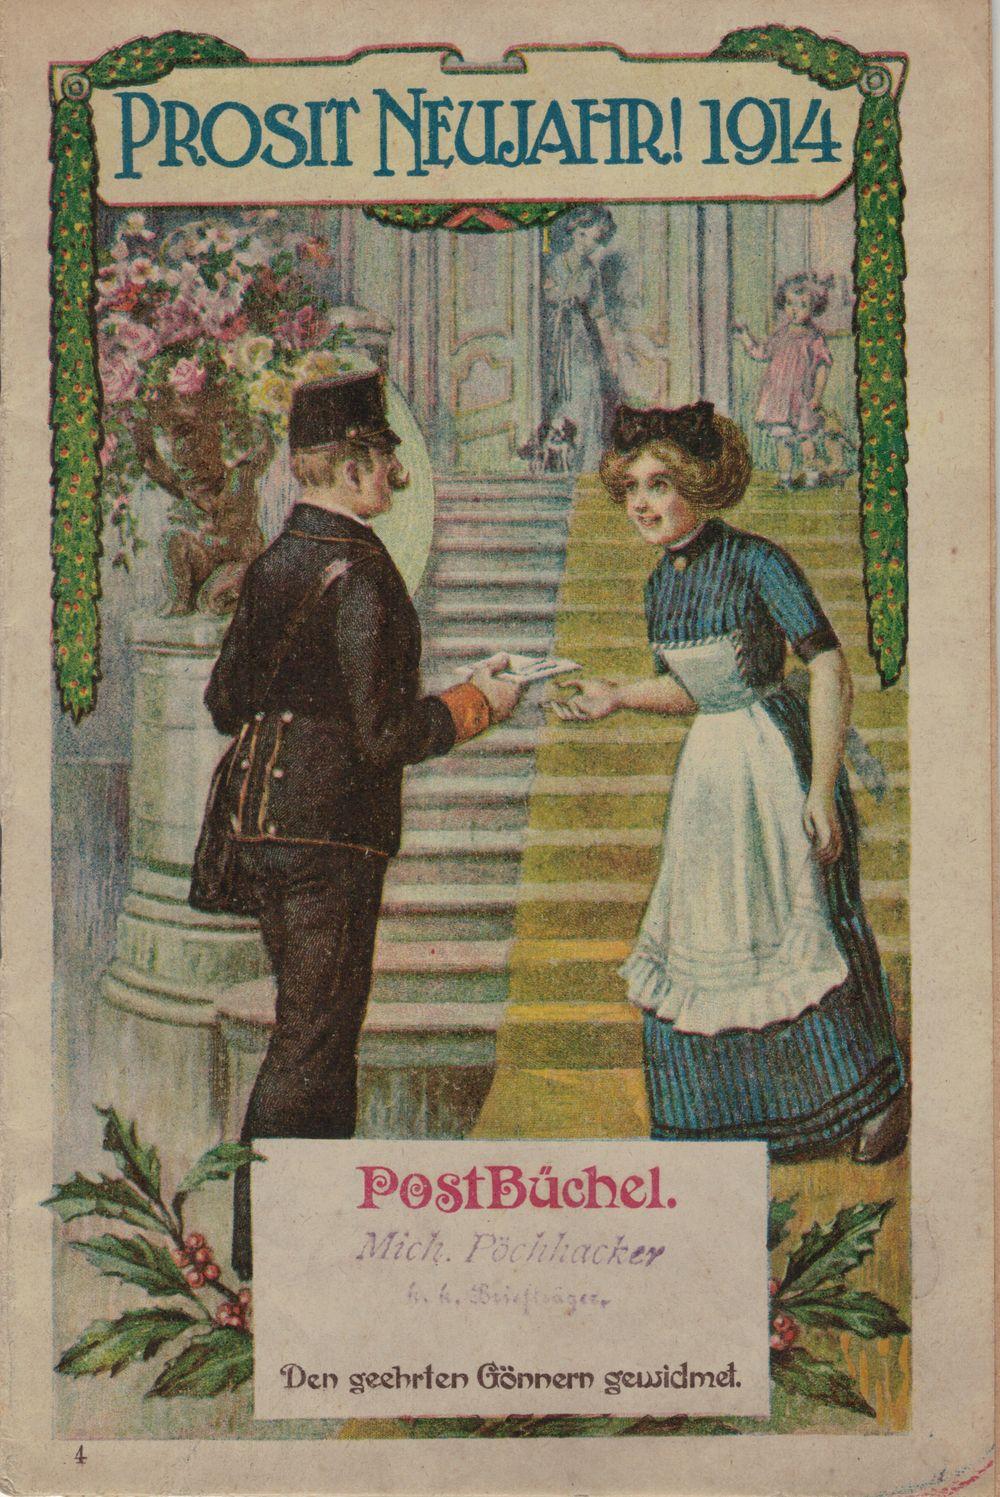 Postbüchl - Das kleine Postbuch 1914_i10